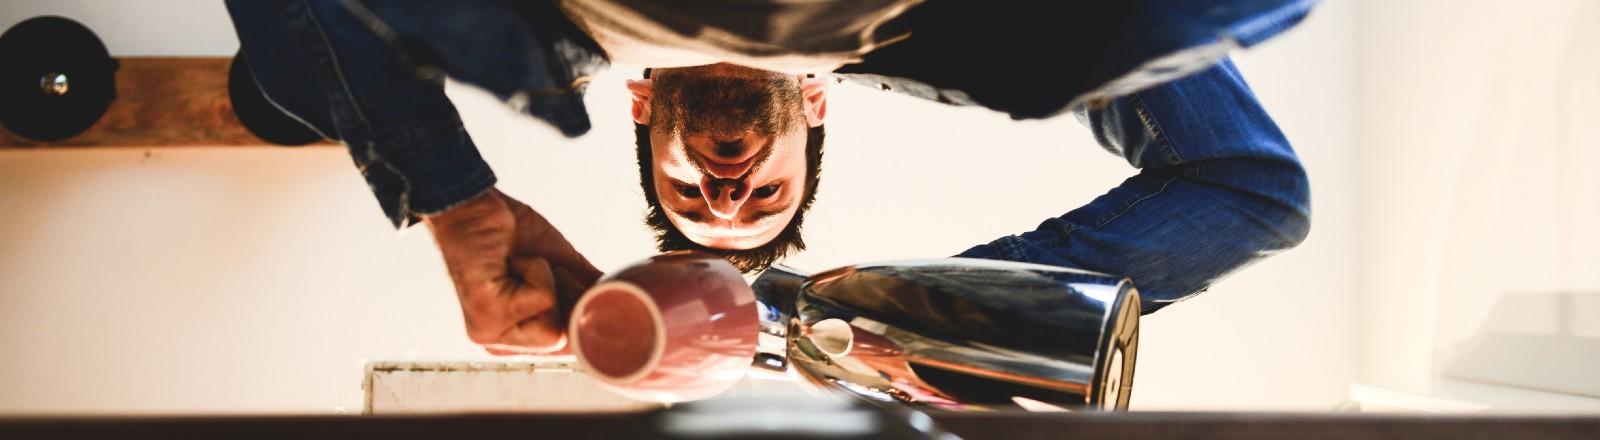 Von unten betrachtet: Ein Mann schüttet sich eine Tasse Kaffee ein.